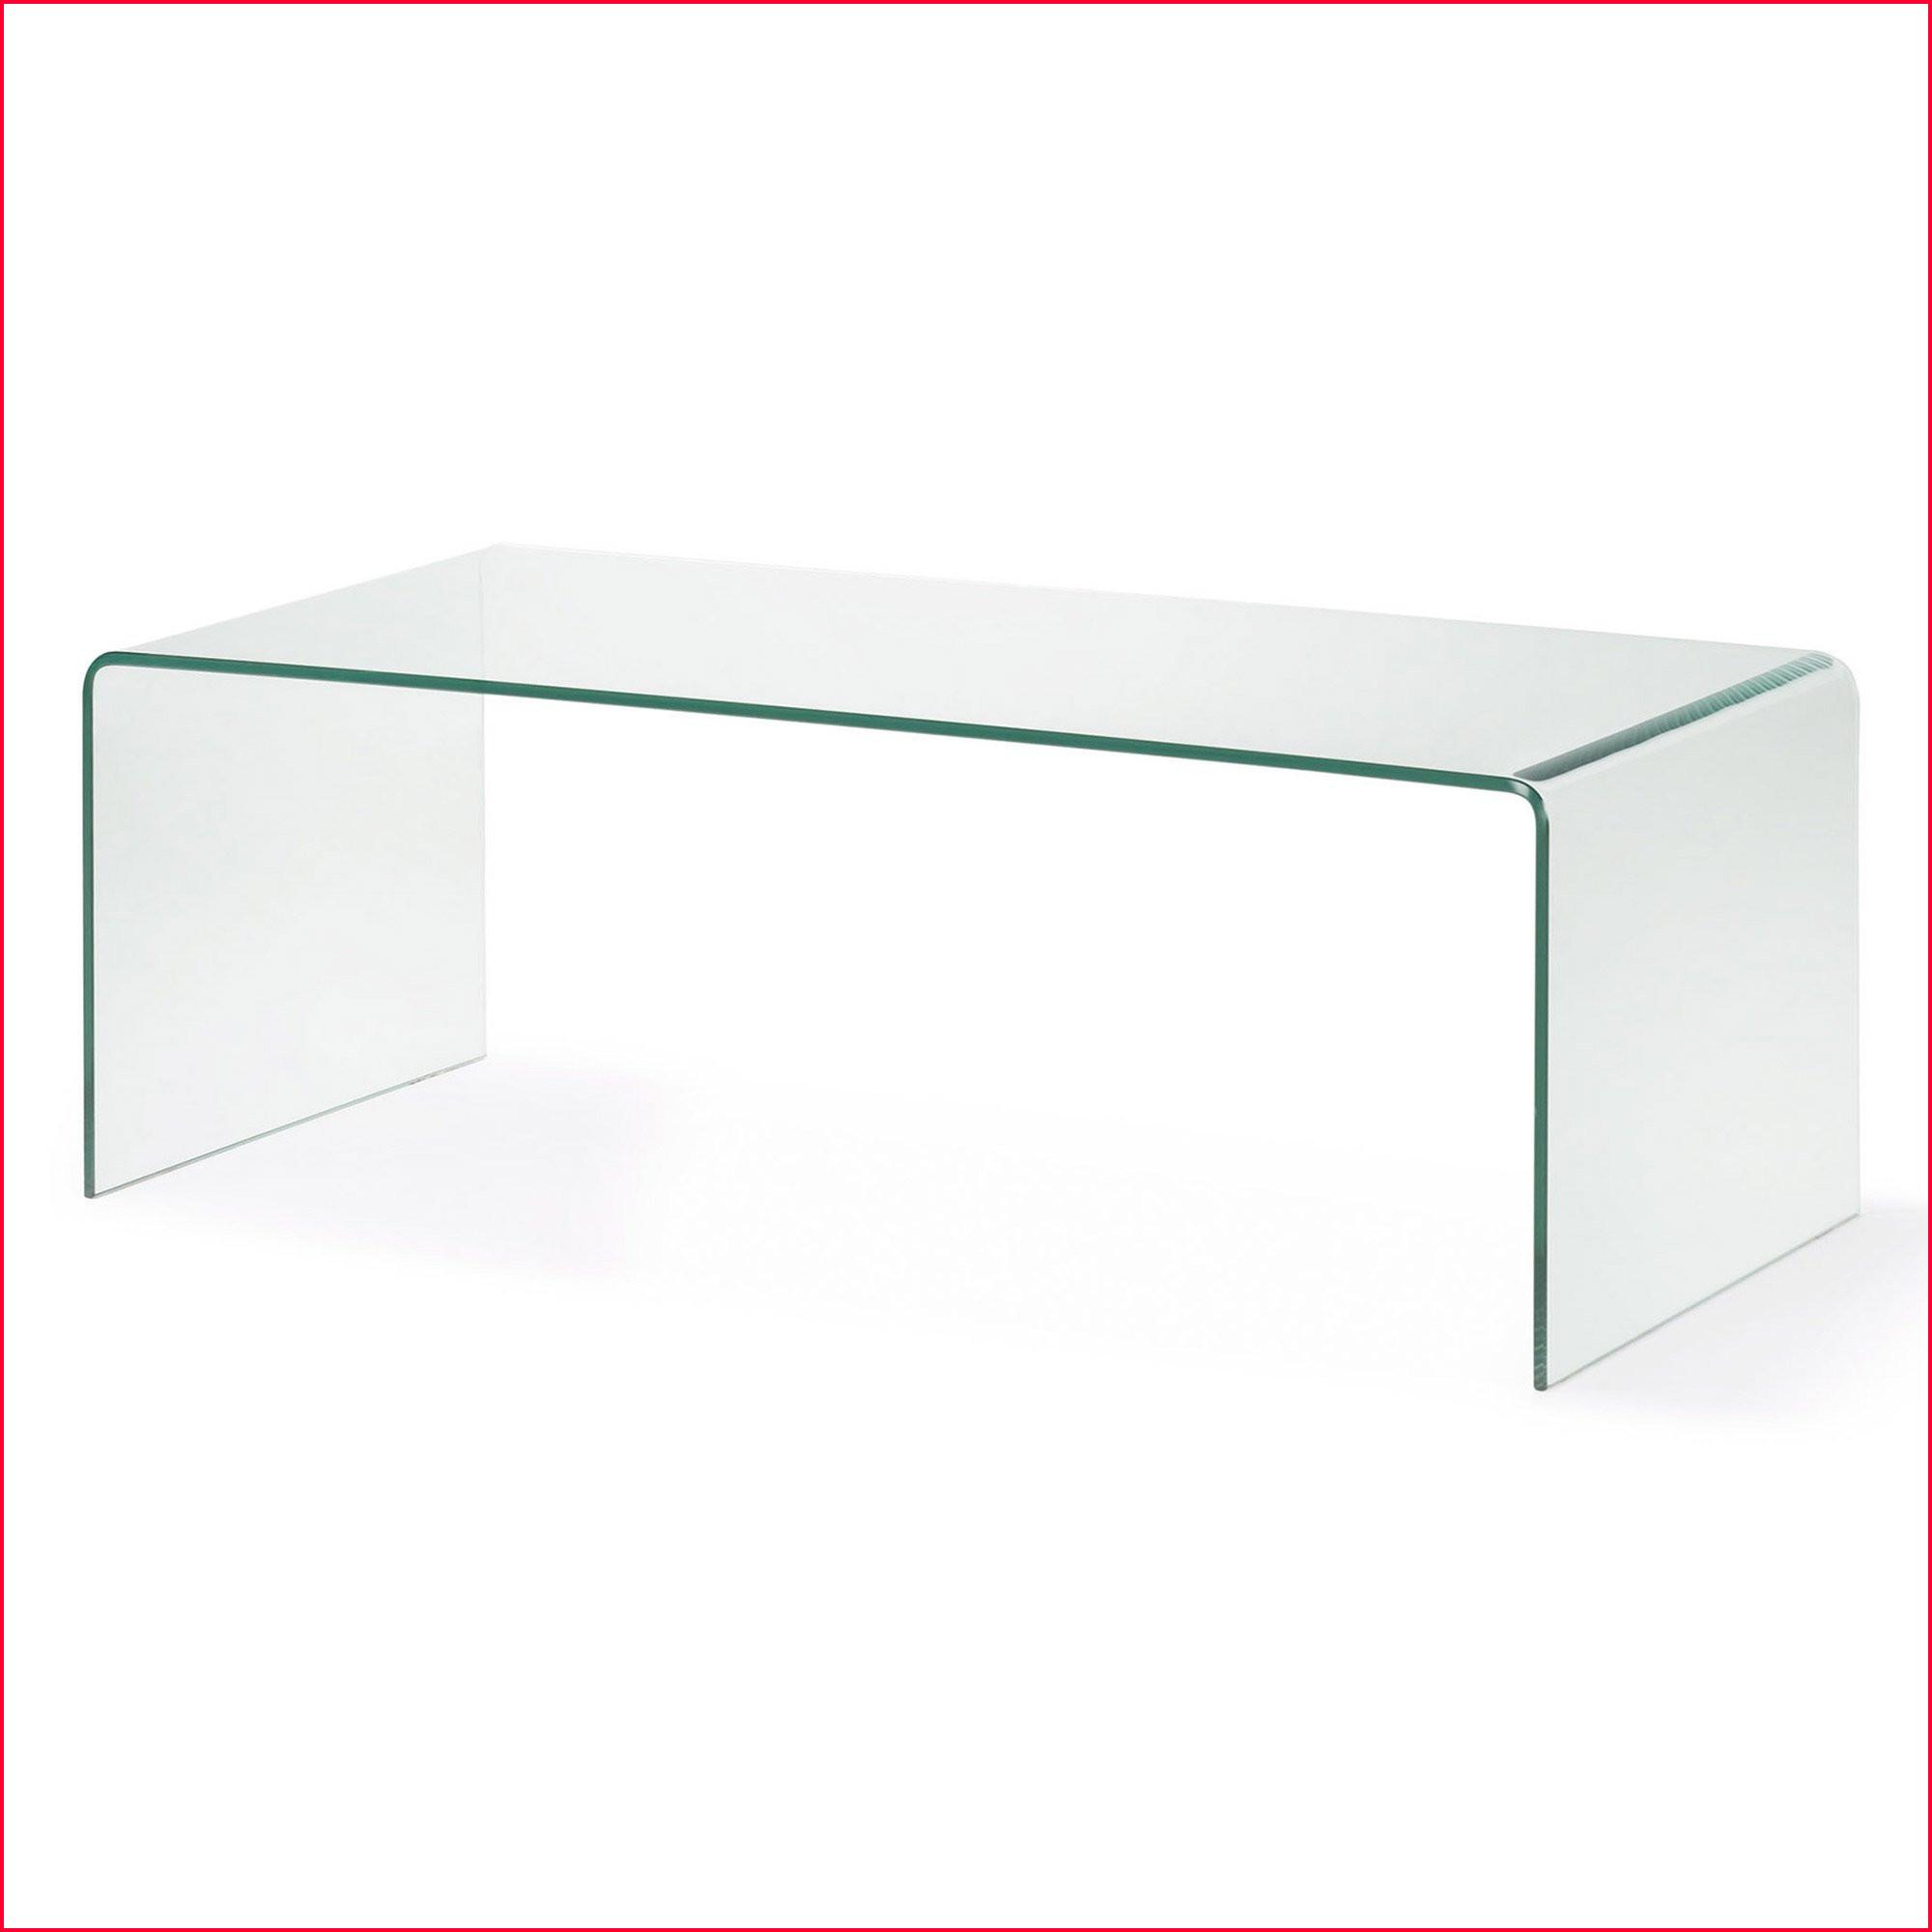 Muebles De Baño Amazon 0gdr Mesas De Centro Redondas Mesa Centro Cristal